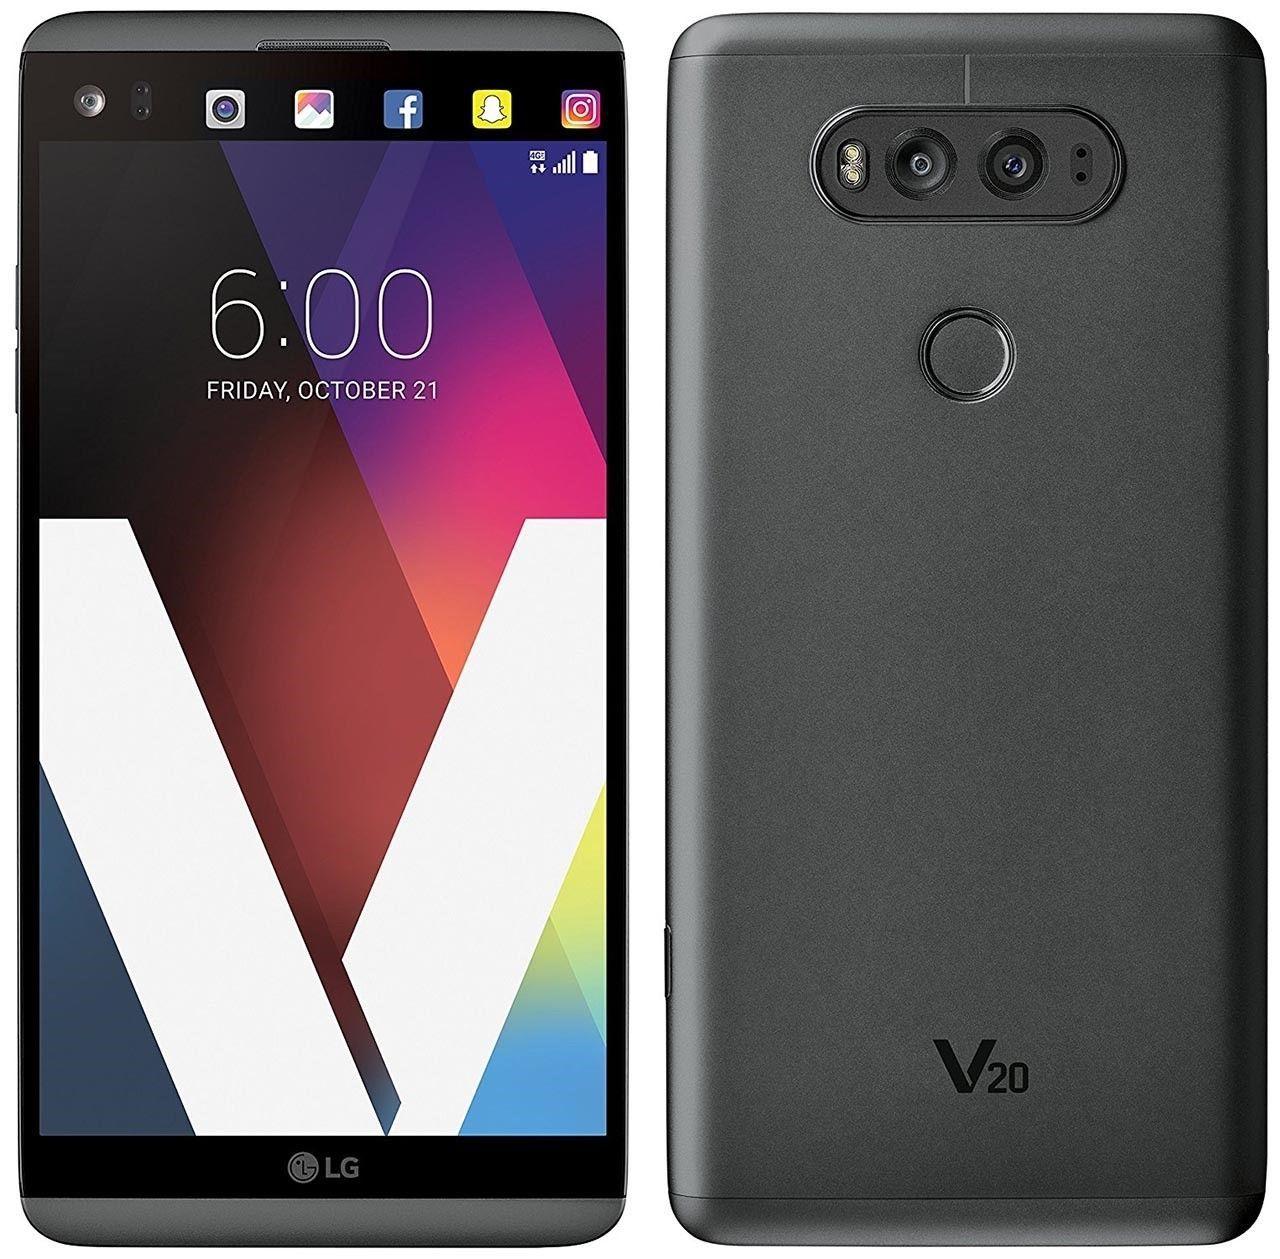 lg v20 vs995 verizon grey 4gb 64gb quad core and 50 similar items